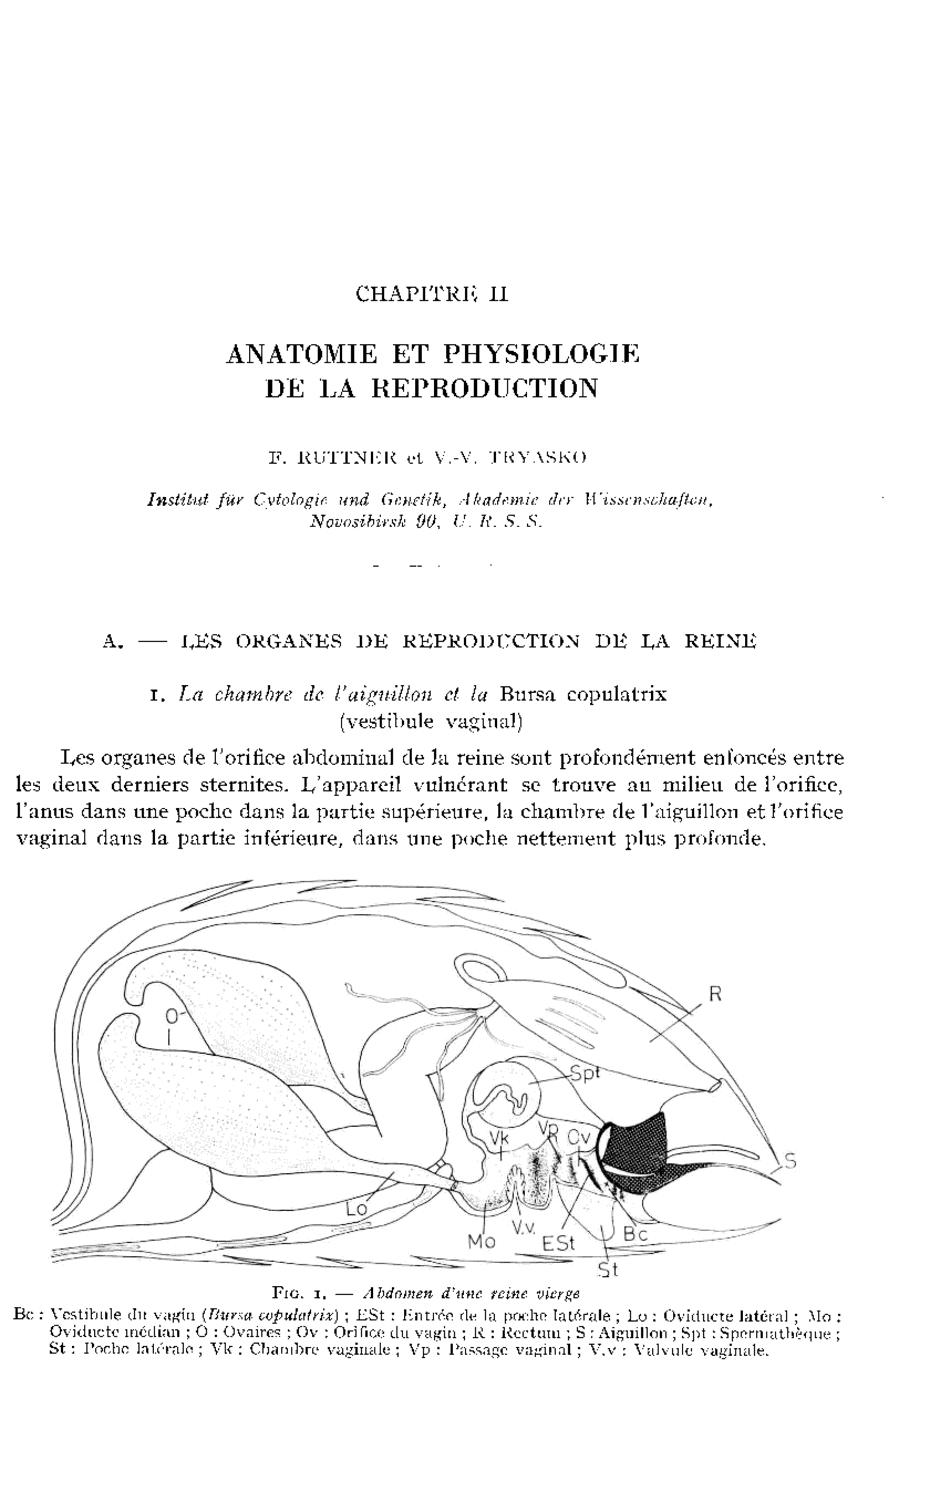 CHAPITRE II : ANATOMIE ET PHYSIOLOGIE DE LA REPRODUCTION   Apidologie